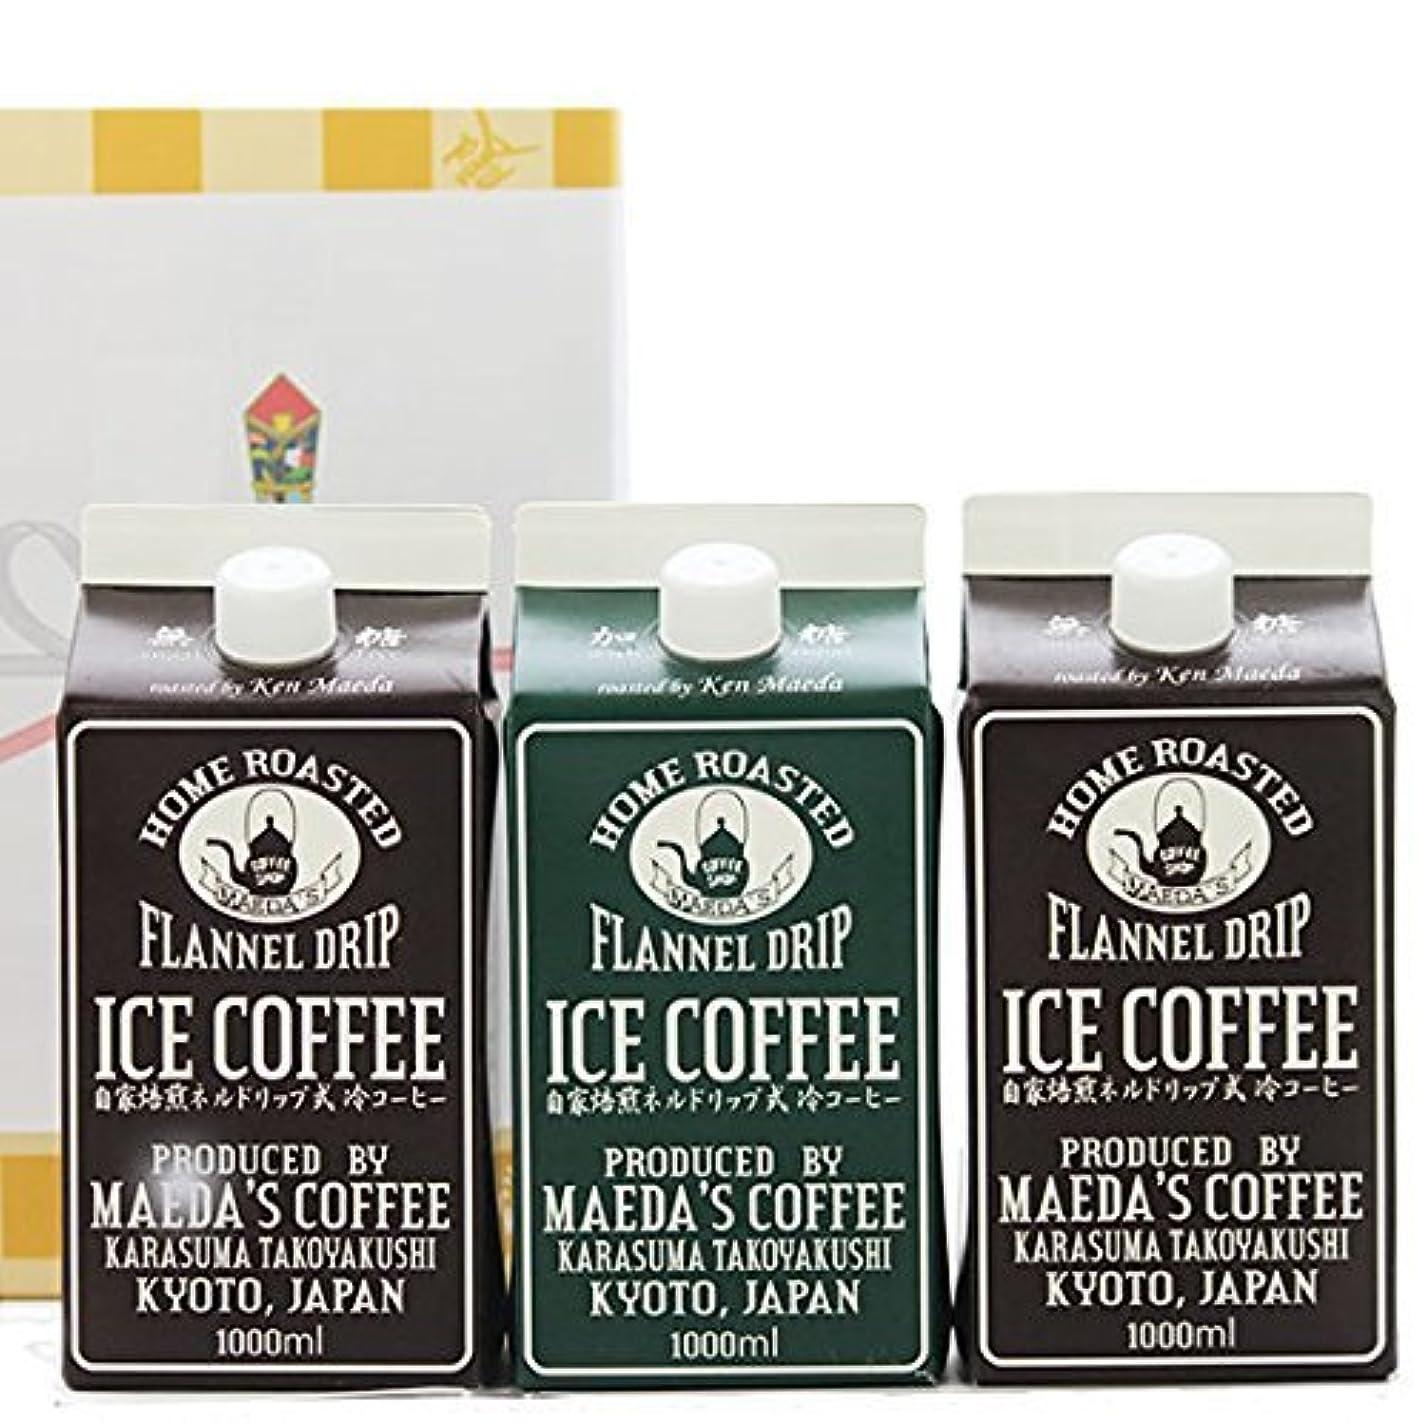 聖書冒険者拡散する【母の日 シール付き】前田珈琲 ネルドリップ リキッドコーヒー アイスコーヒー 3本 ギフトセット (無糖3本)